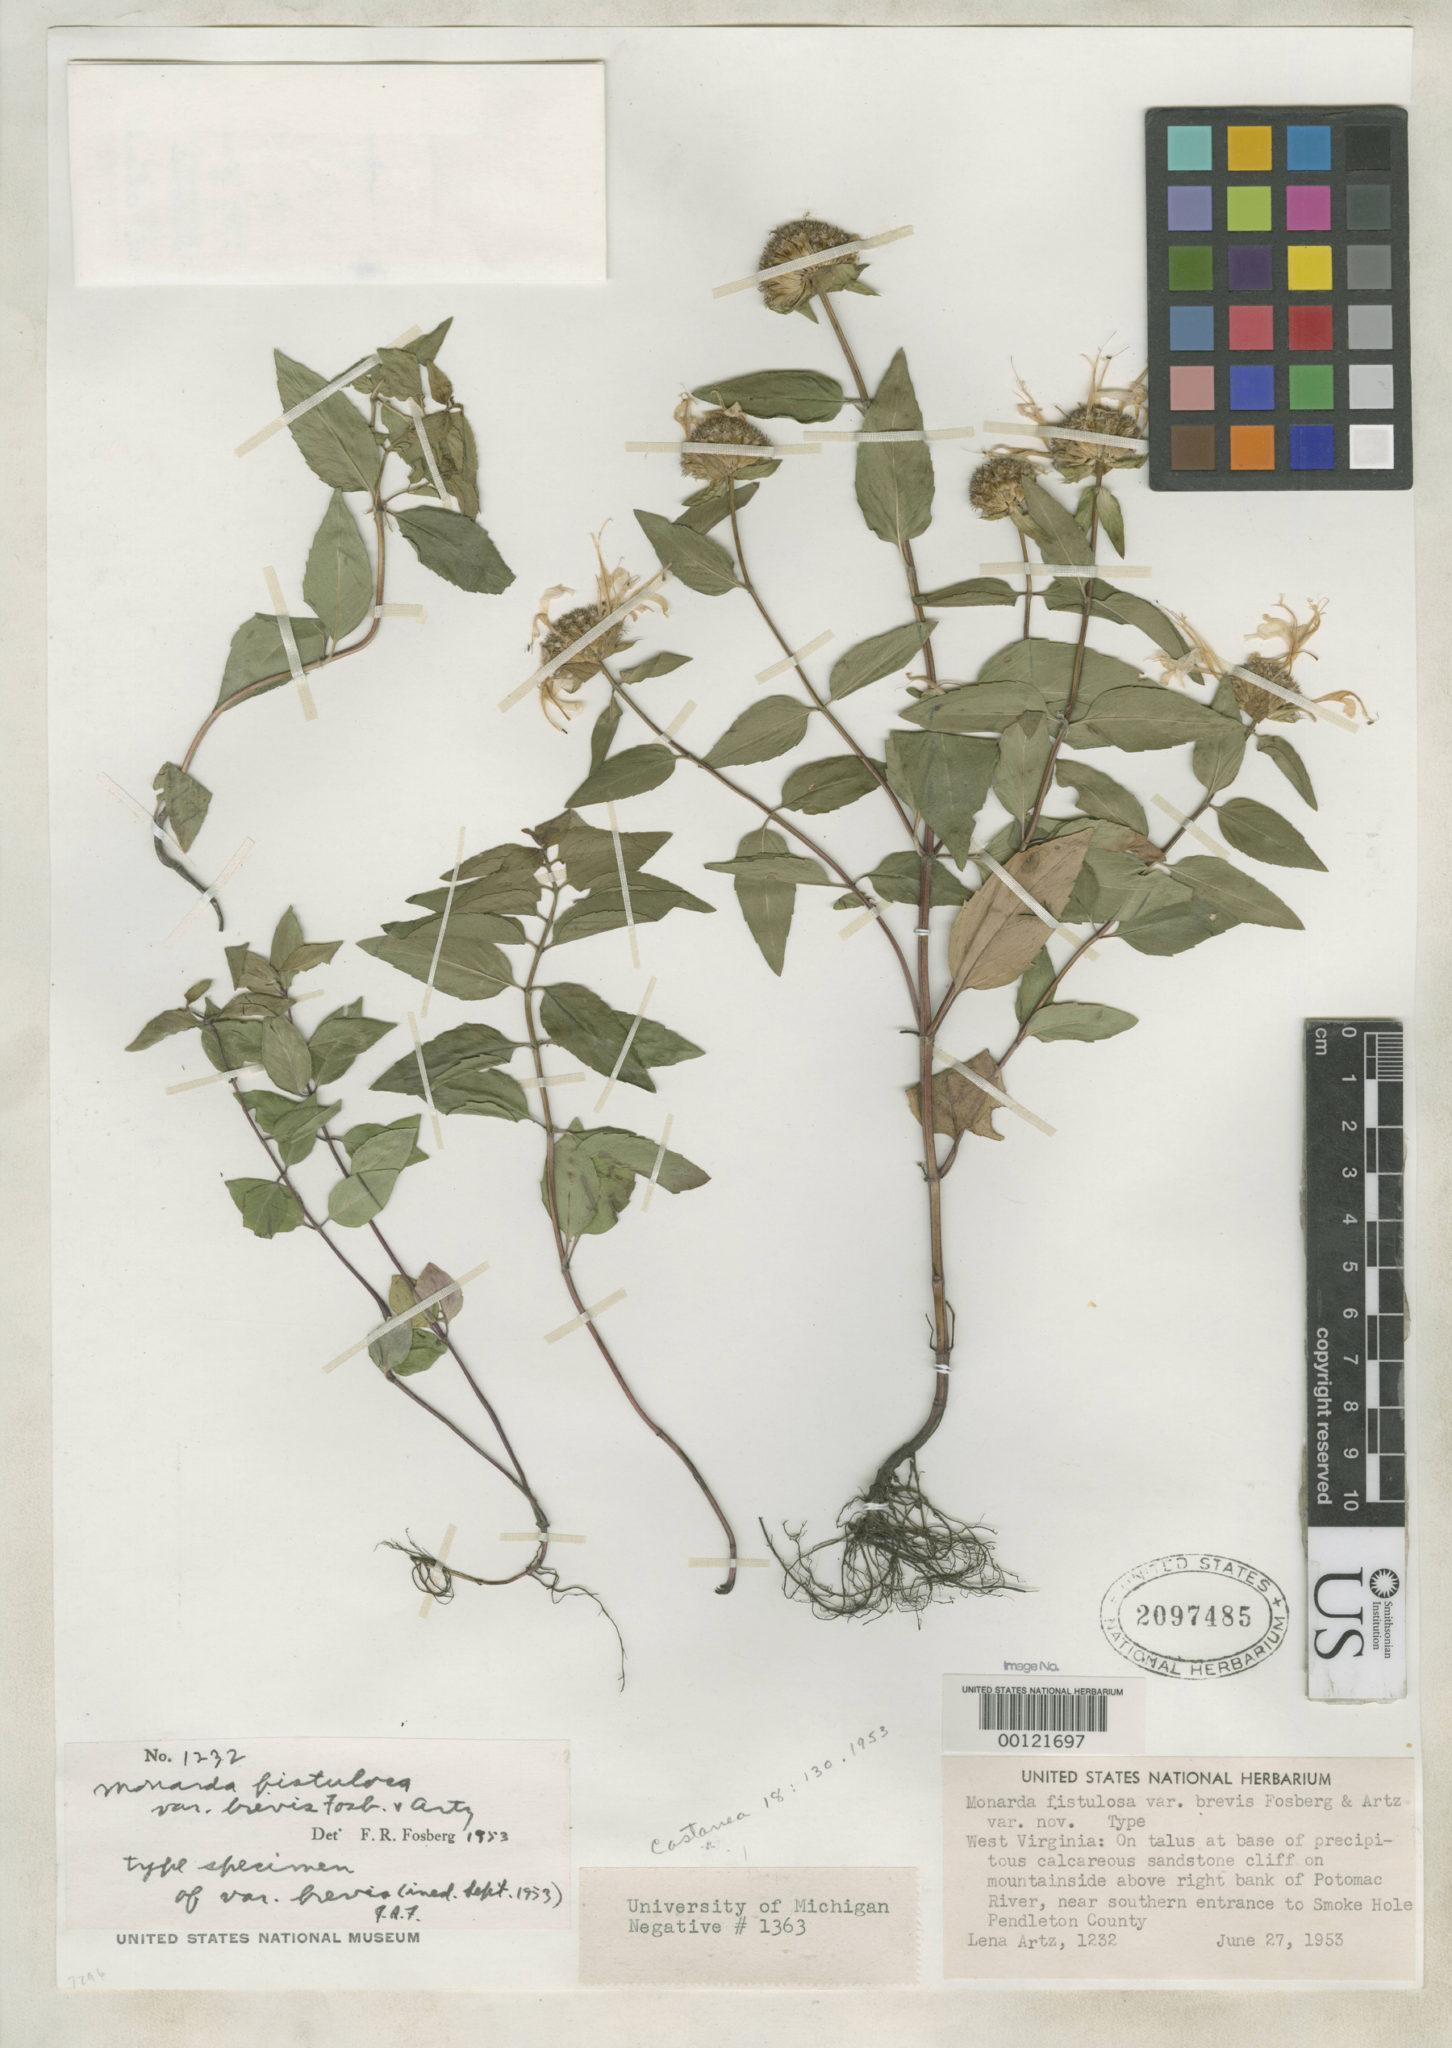 Species Spotlight - Monarda fistulosa var. brevis